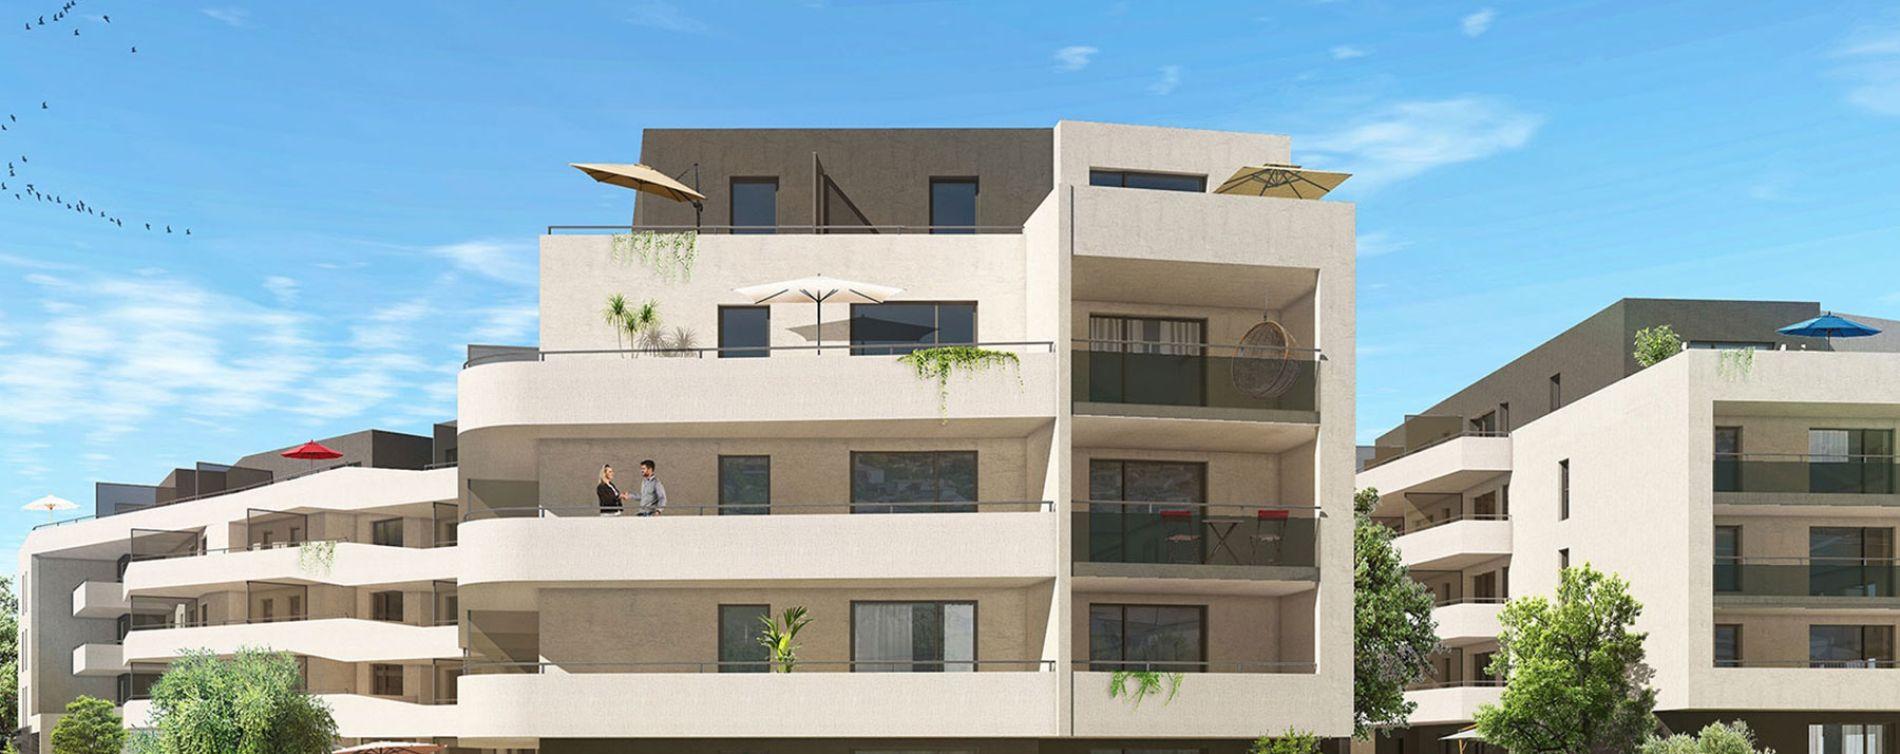 Juvignac : programme immobilier neuve « Oxalis Bât D et E »